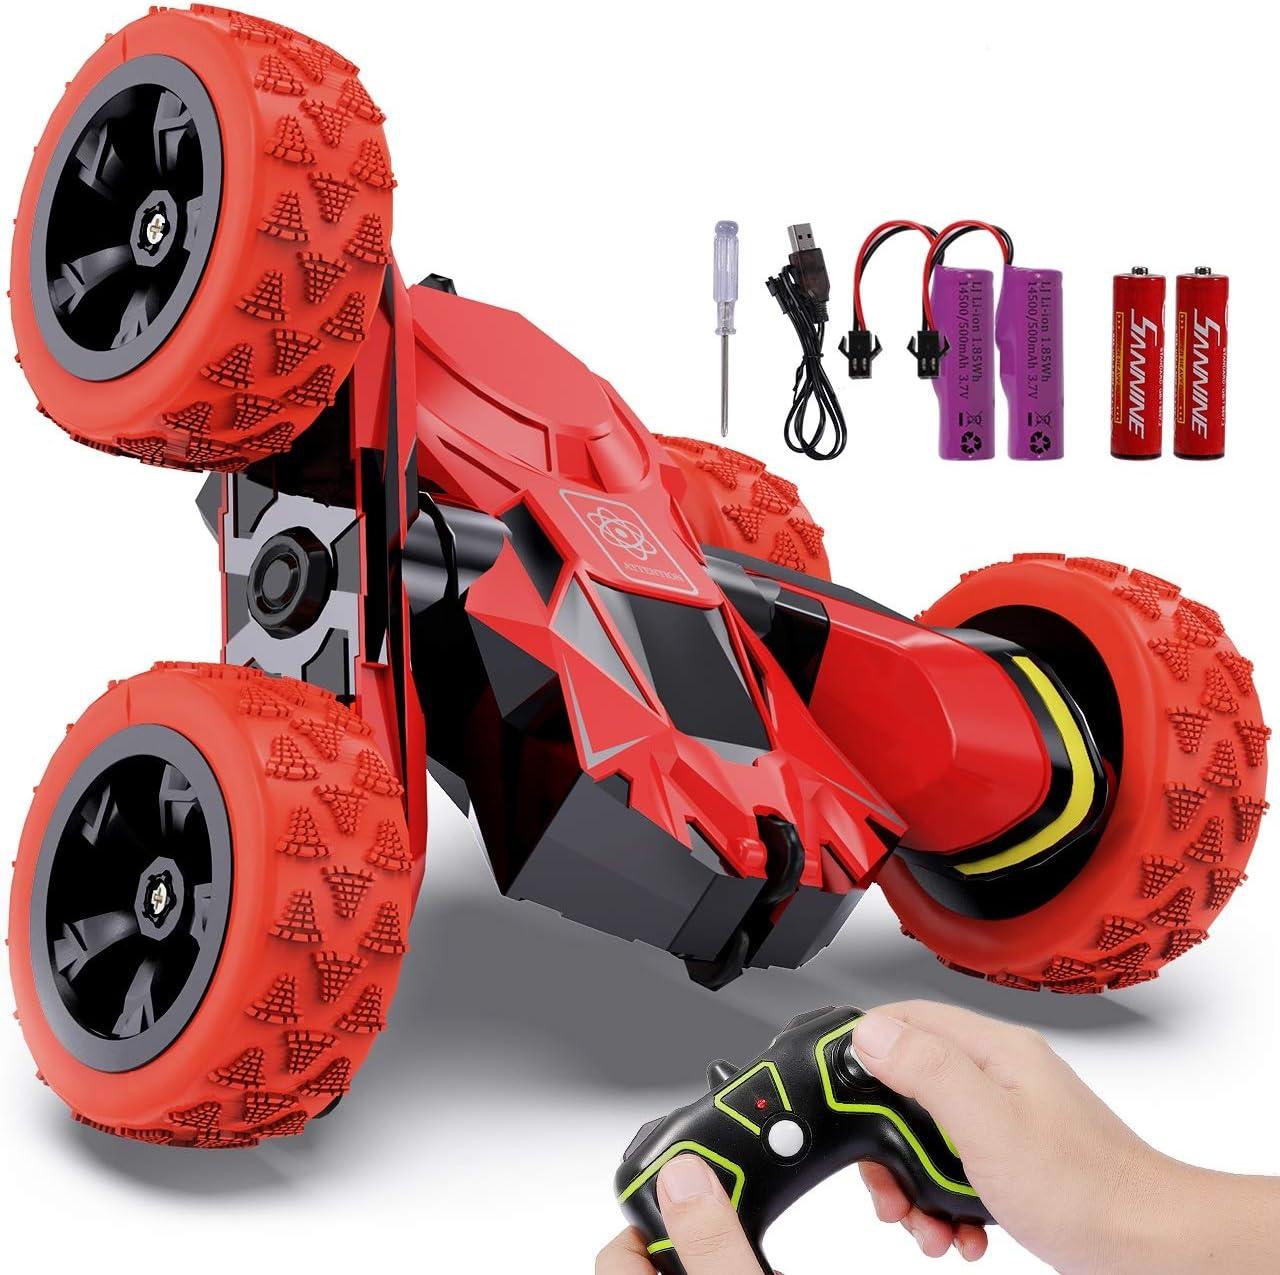 joylink Coche Teledirigido, 2.4 GHz Coche de Control Remoto 4WD Stunt RC Coche Acrobacia Rotación Volteo de 360 ° Radiocontrol Electric Juguetes para Niños